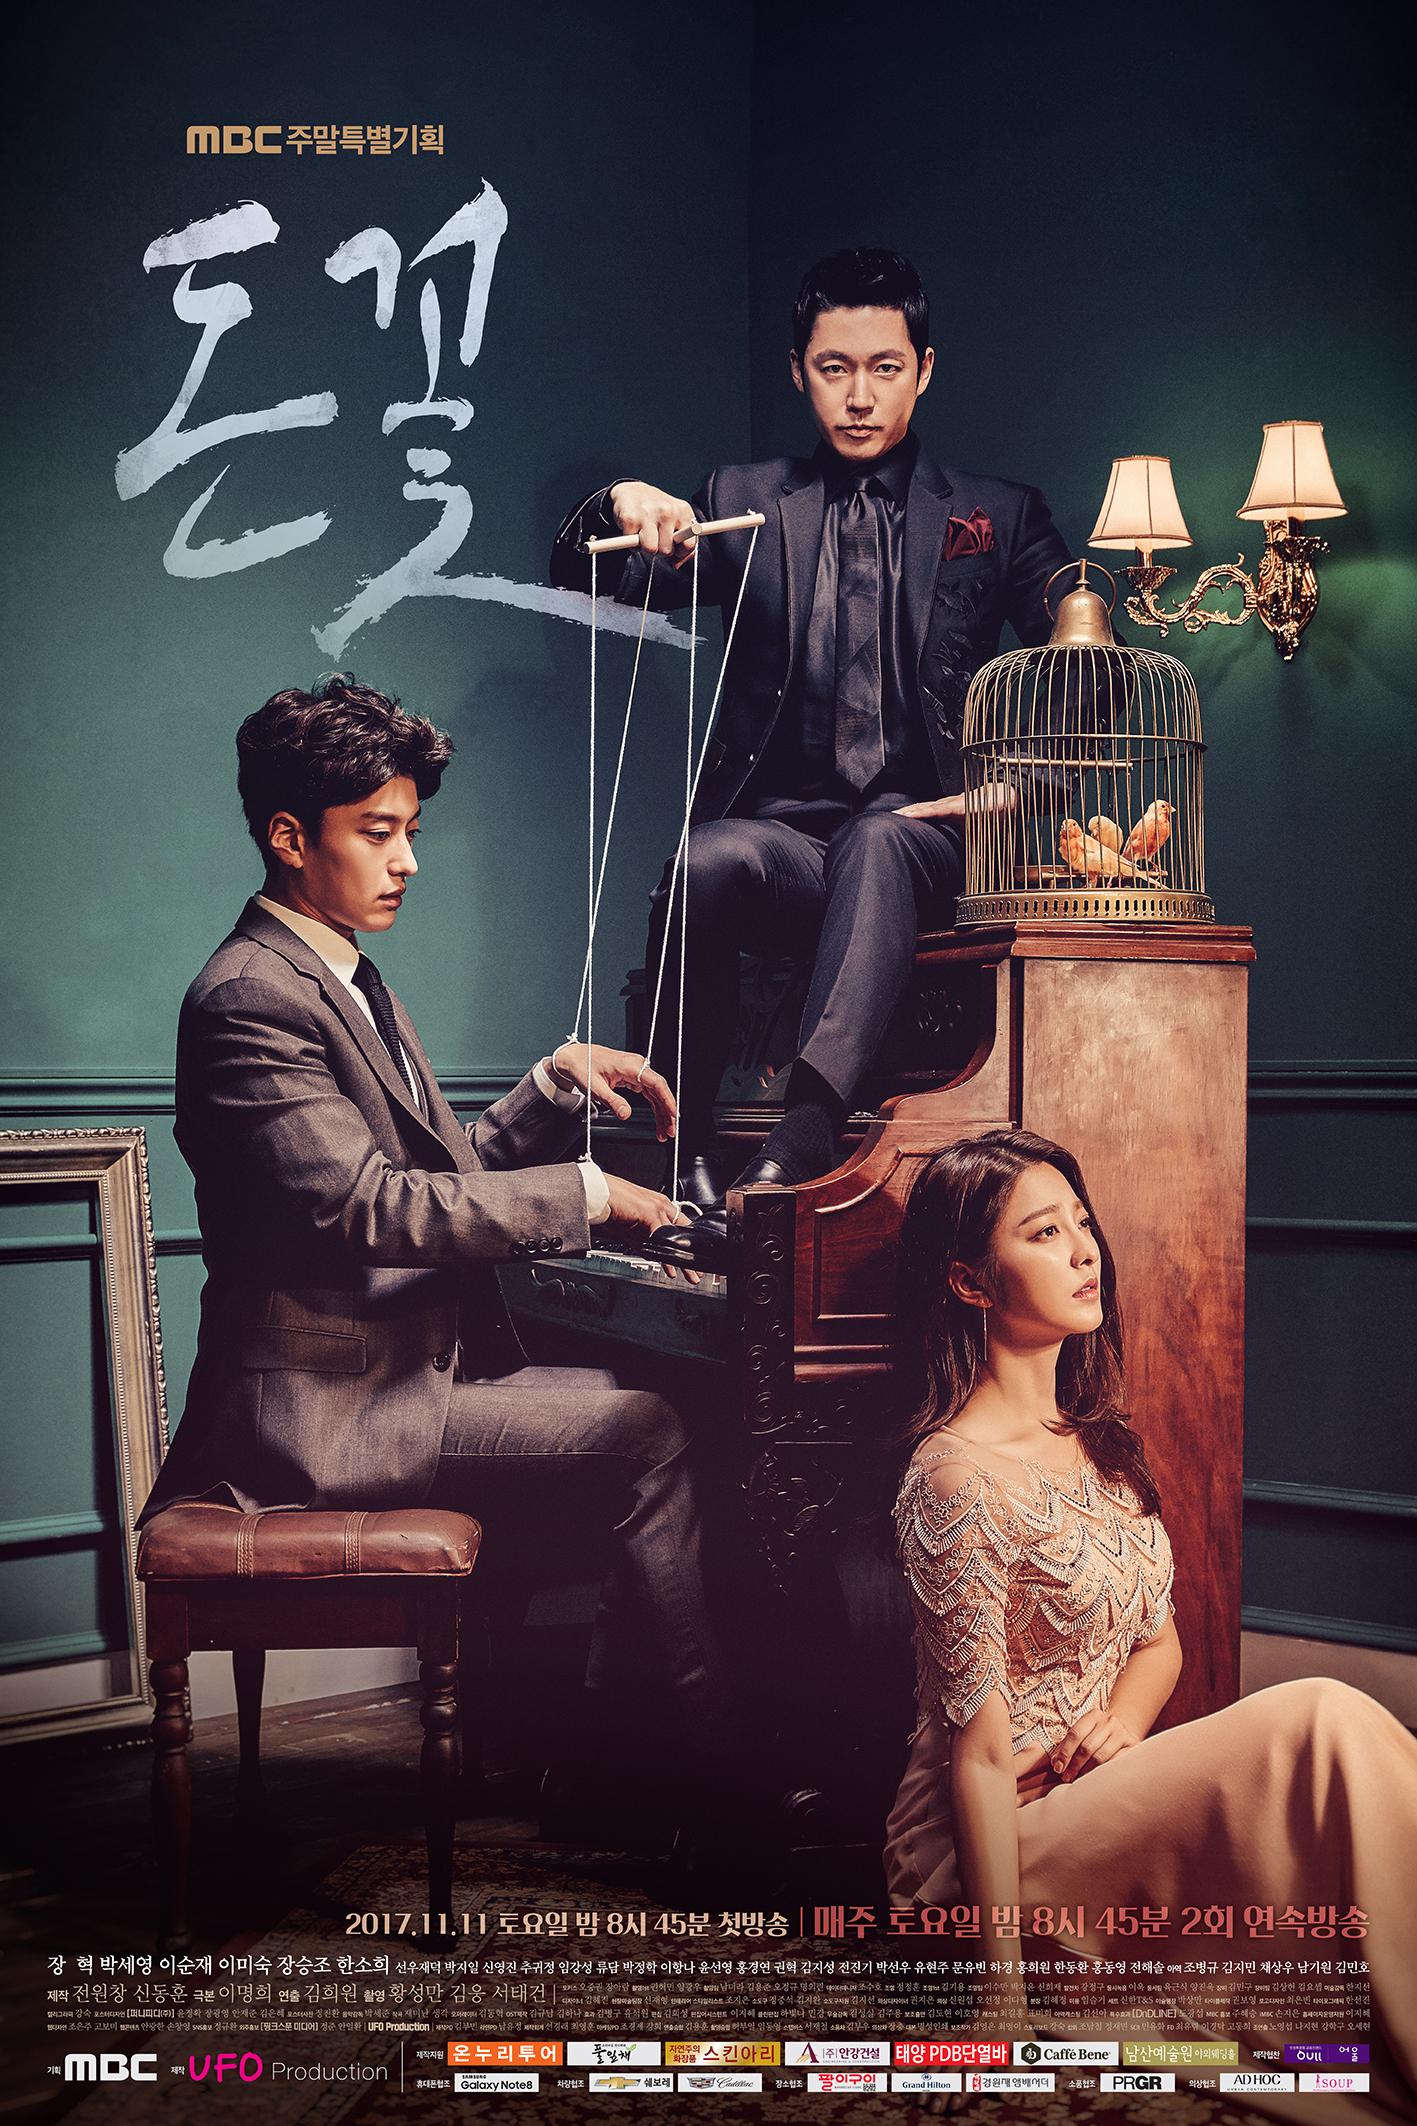 <돈꽃> 장혁, 박세영-장승조에게 정체 들켰다... 자체 최고 시청률 경신